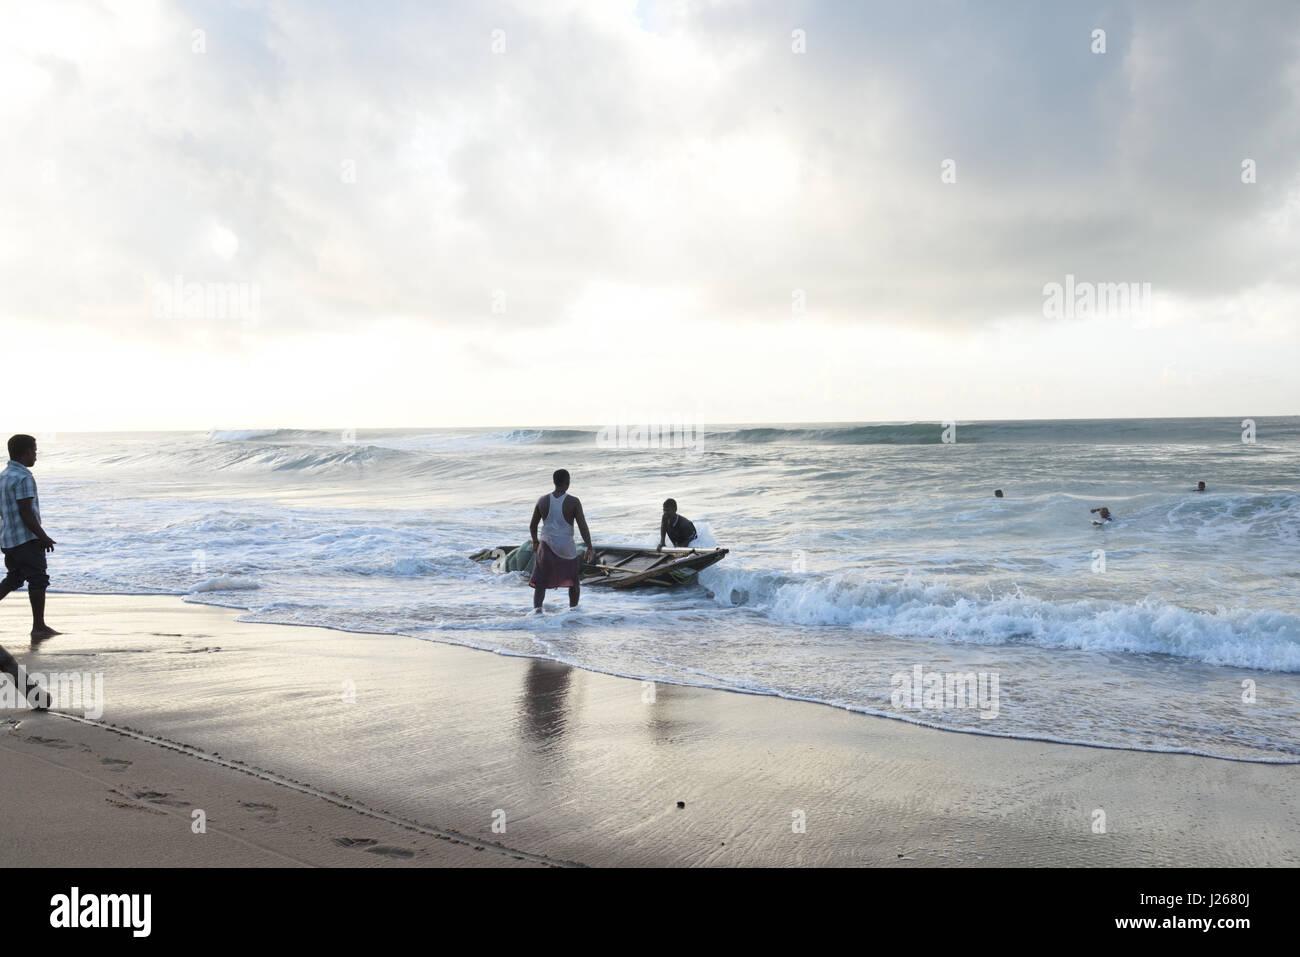 Fishermen on the boat, Puri, Orissa, India, Stock Photo